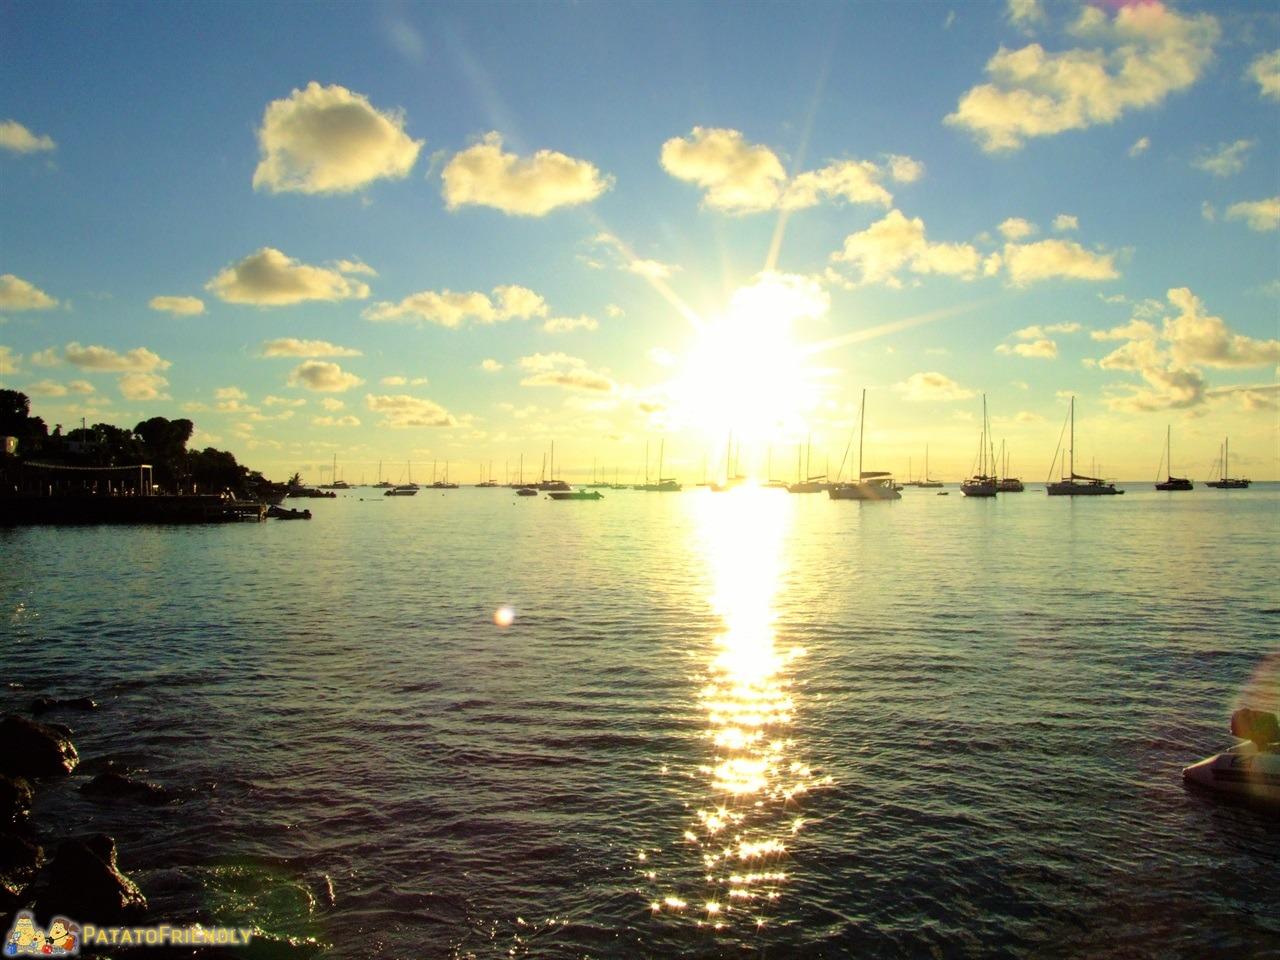 [cml_media_alt id='6682']Le spiagge della Martinica - Un tramonto[/cml_media_alt]